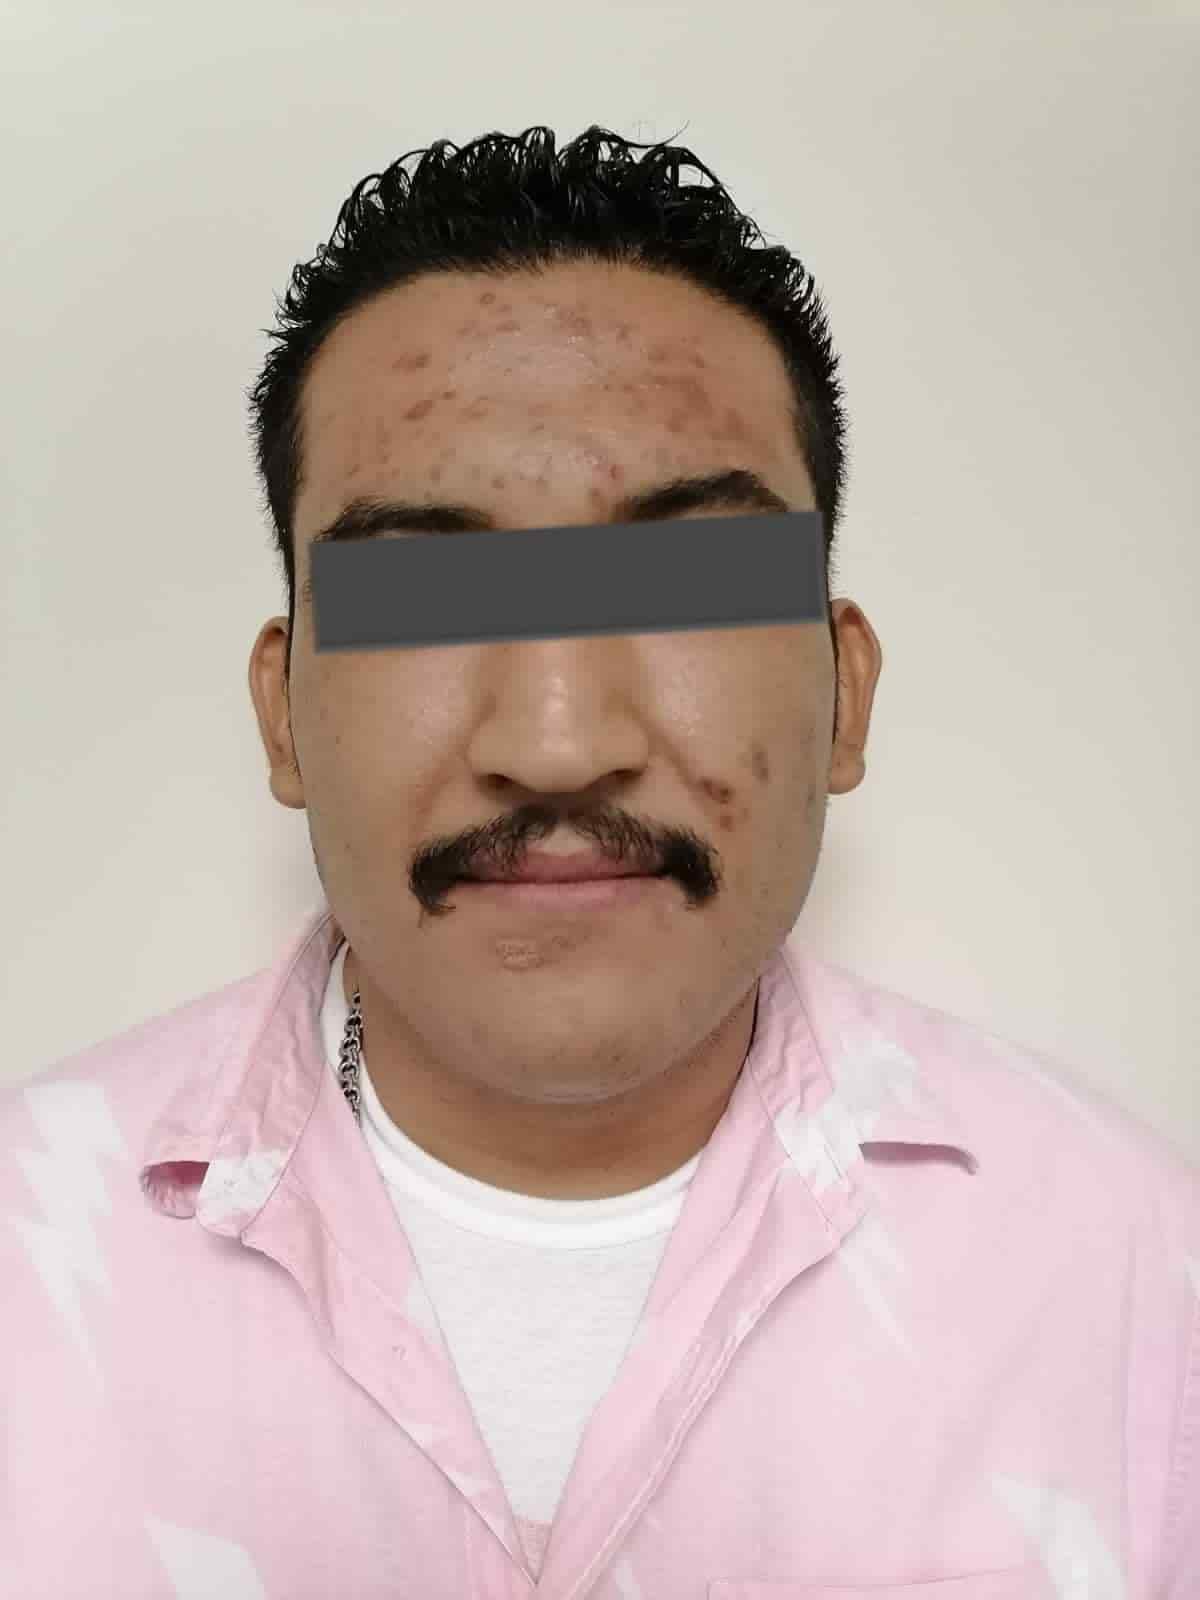 Es señalado como el presunto responsable de la muerte de una mujer en el municipio de García